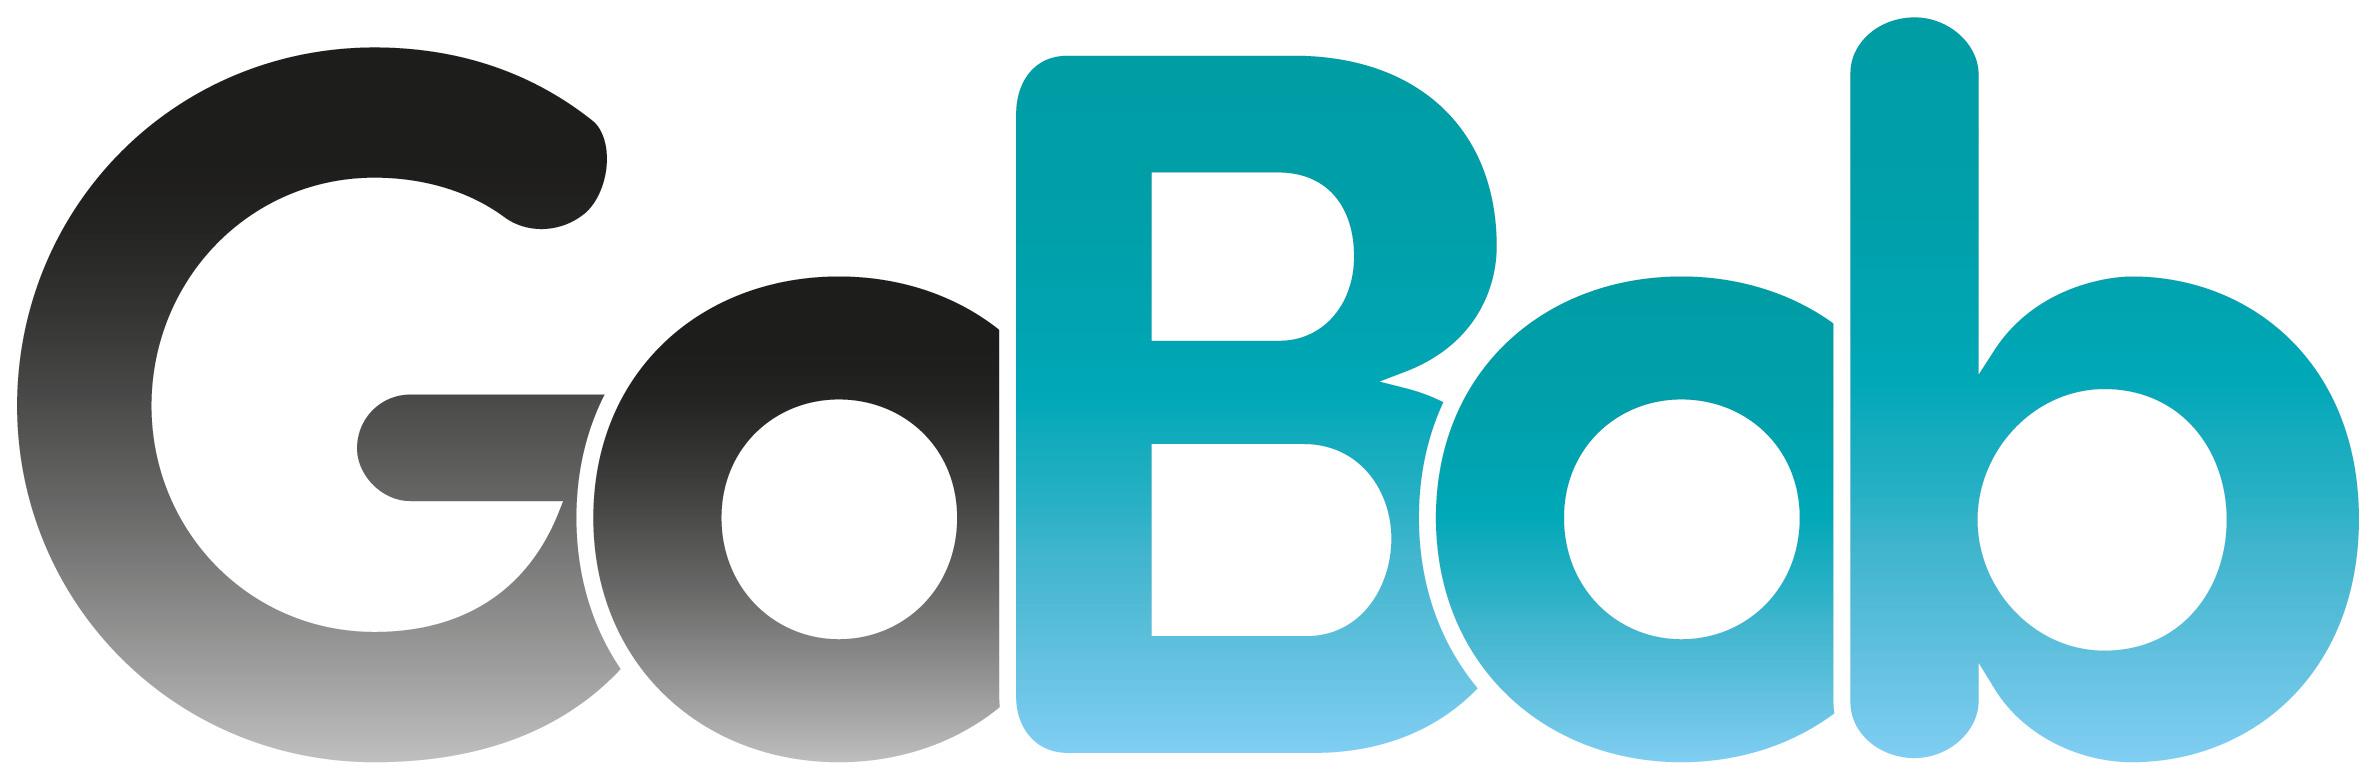 GOBOB 2